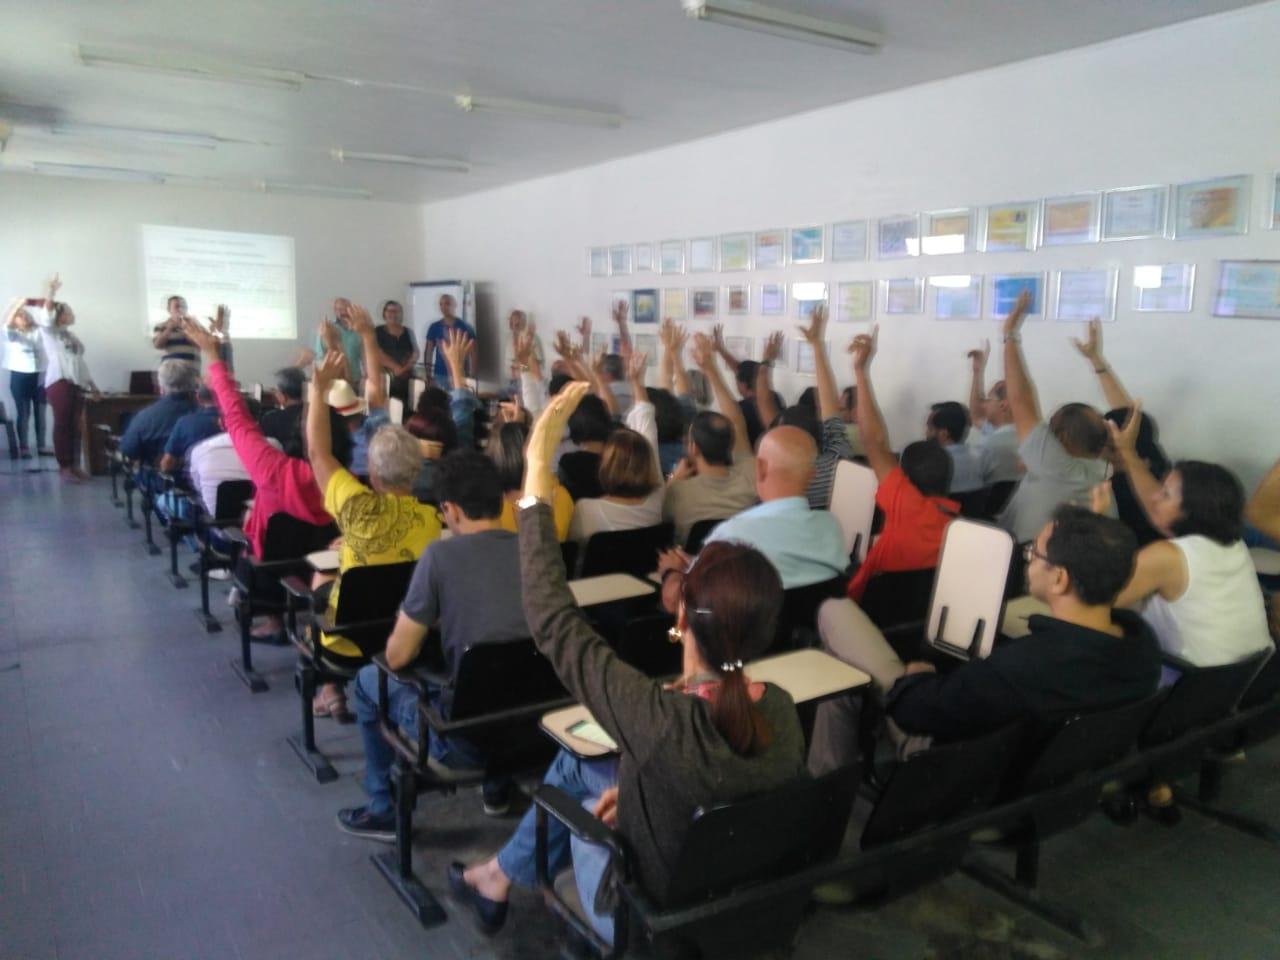 Grande Recife Consórcio de Transporte - Assembleia da categoria aprova pauta de reivindicações e elege representantes de base